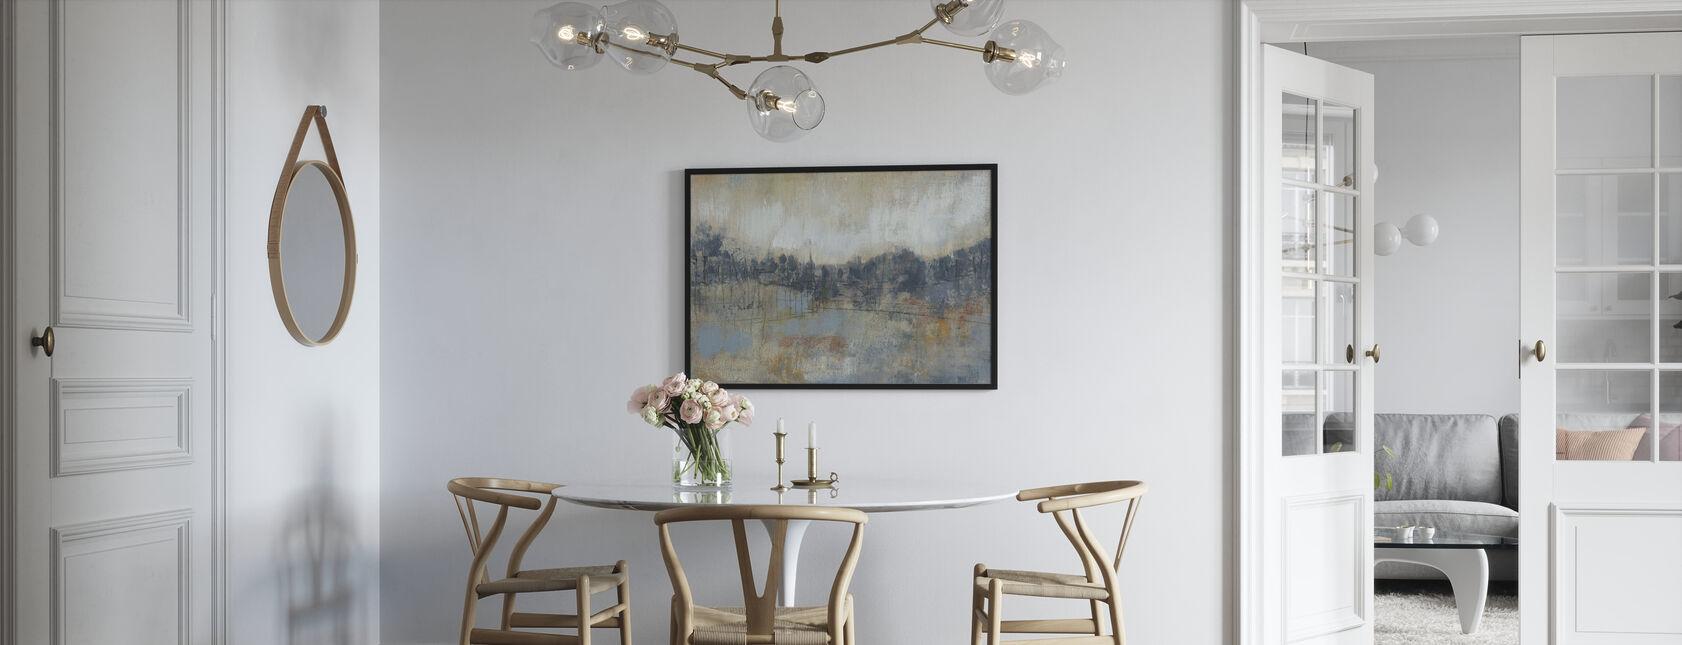 Kul grå horisont - Plakat - Kjøkken